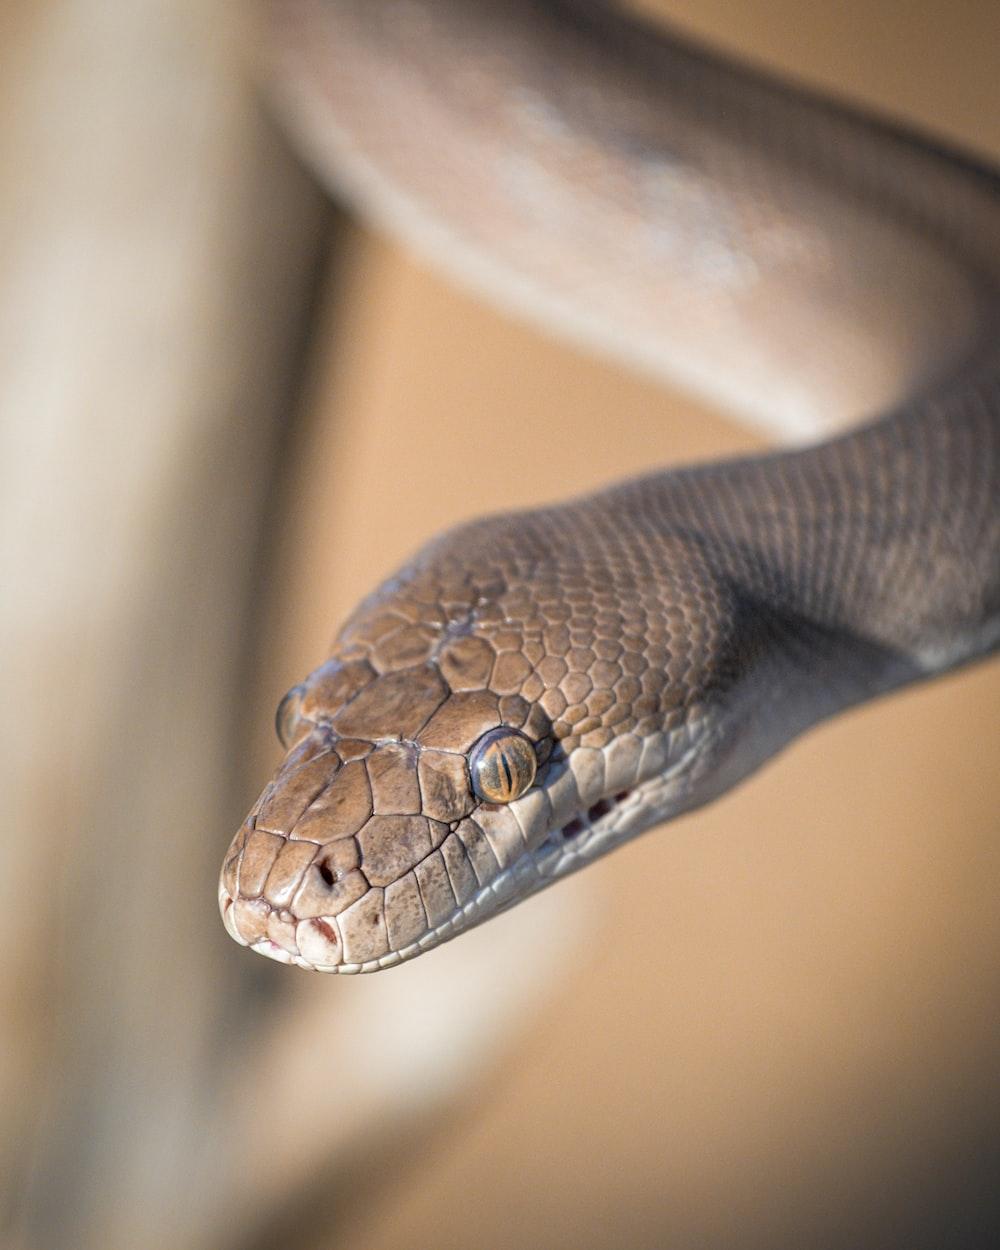 gray and brown snake